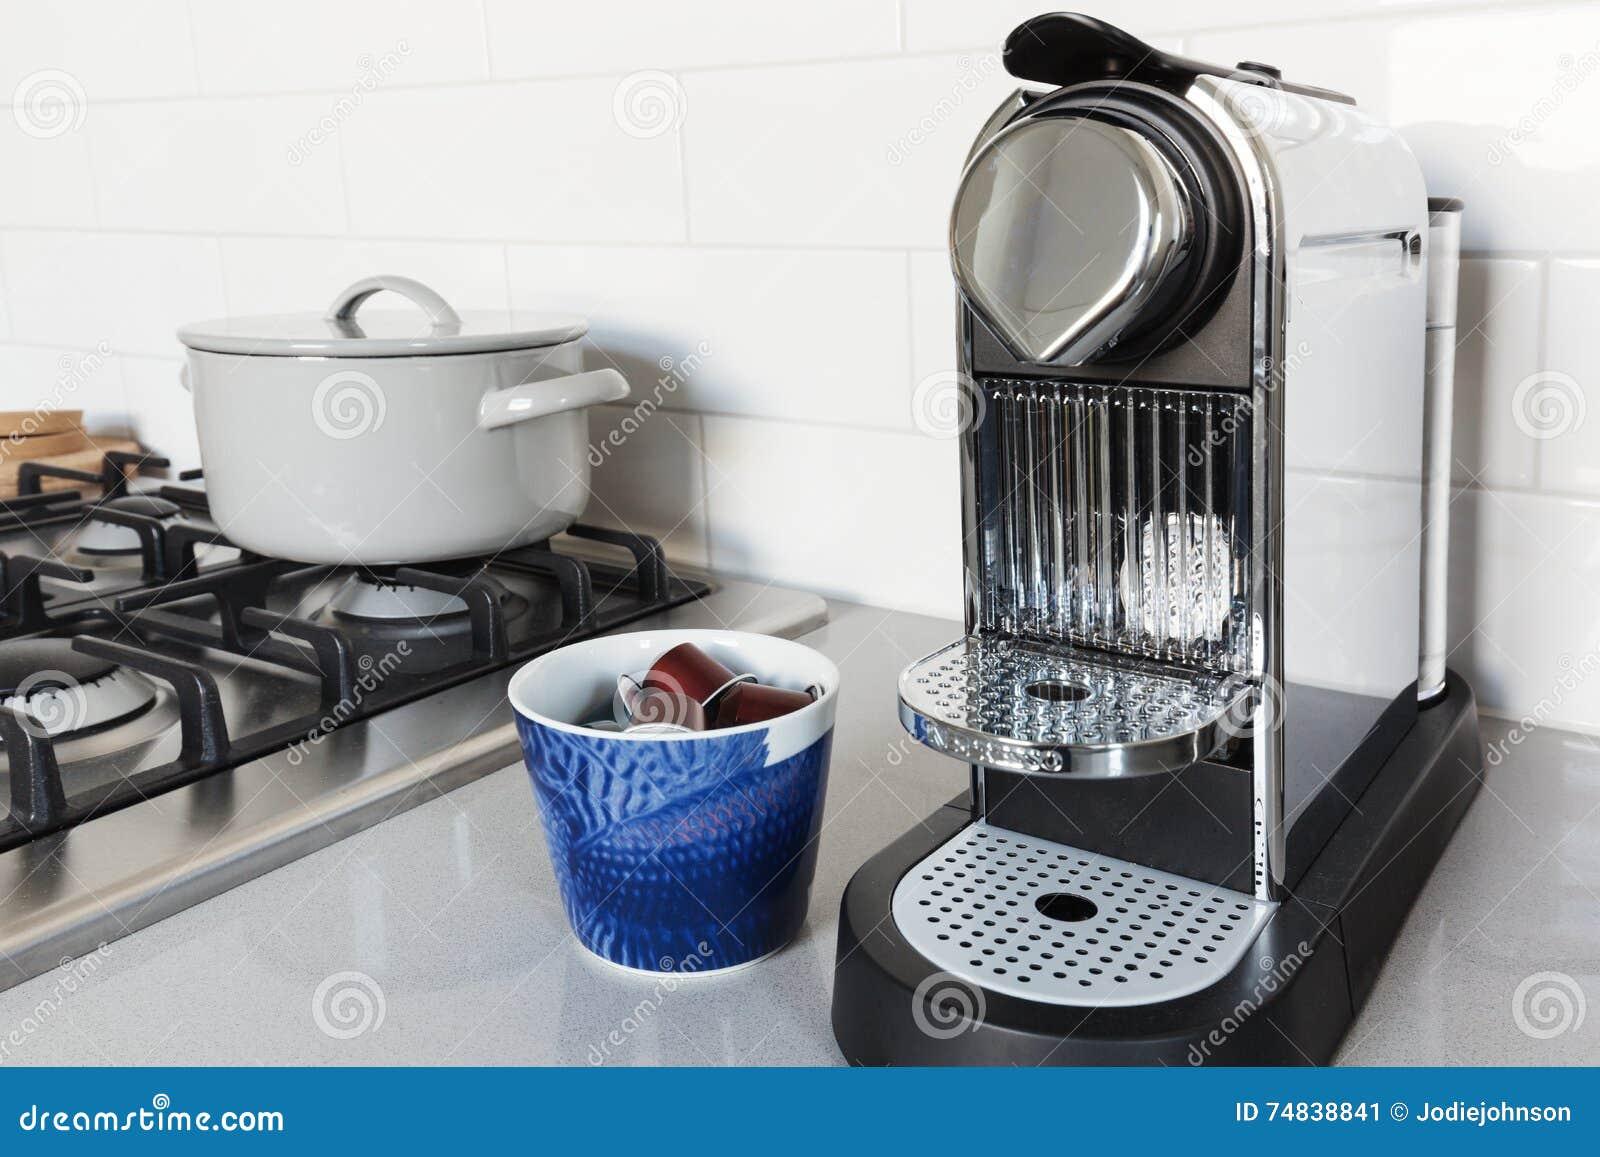 Koffiemachine De Keuken : Koffiemachine op een keuken benchtop in een huis stock afbeelding